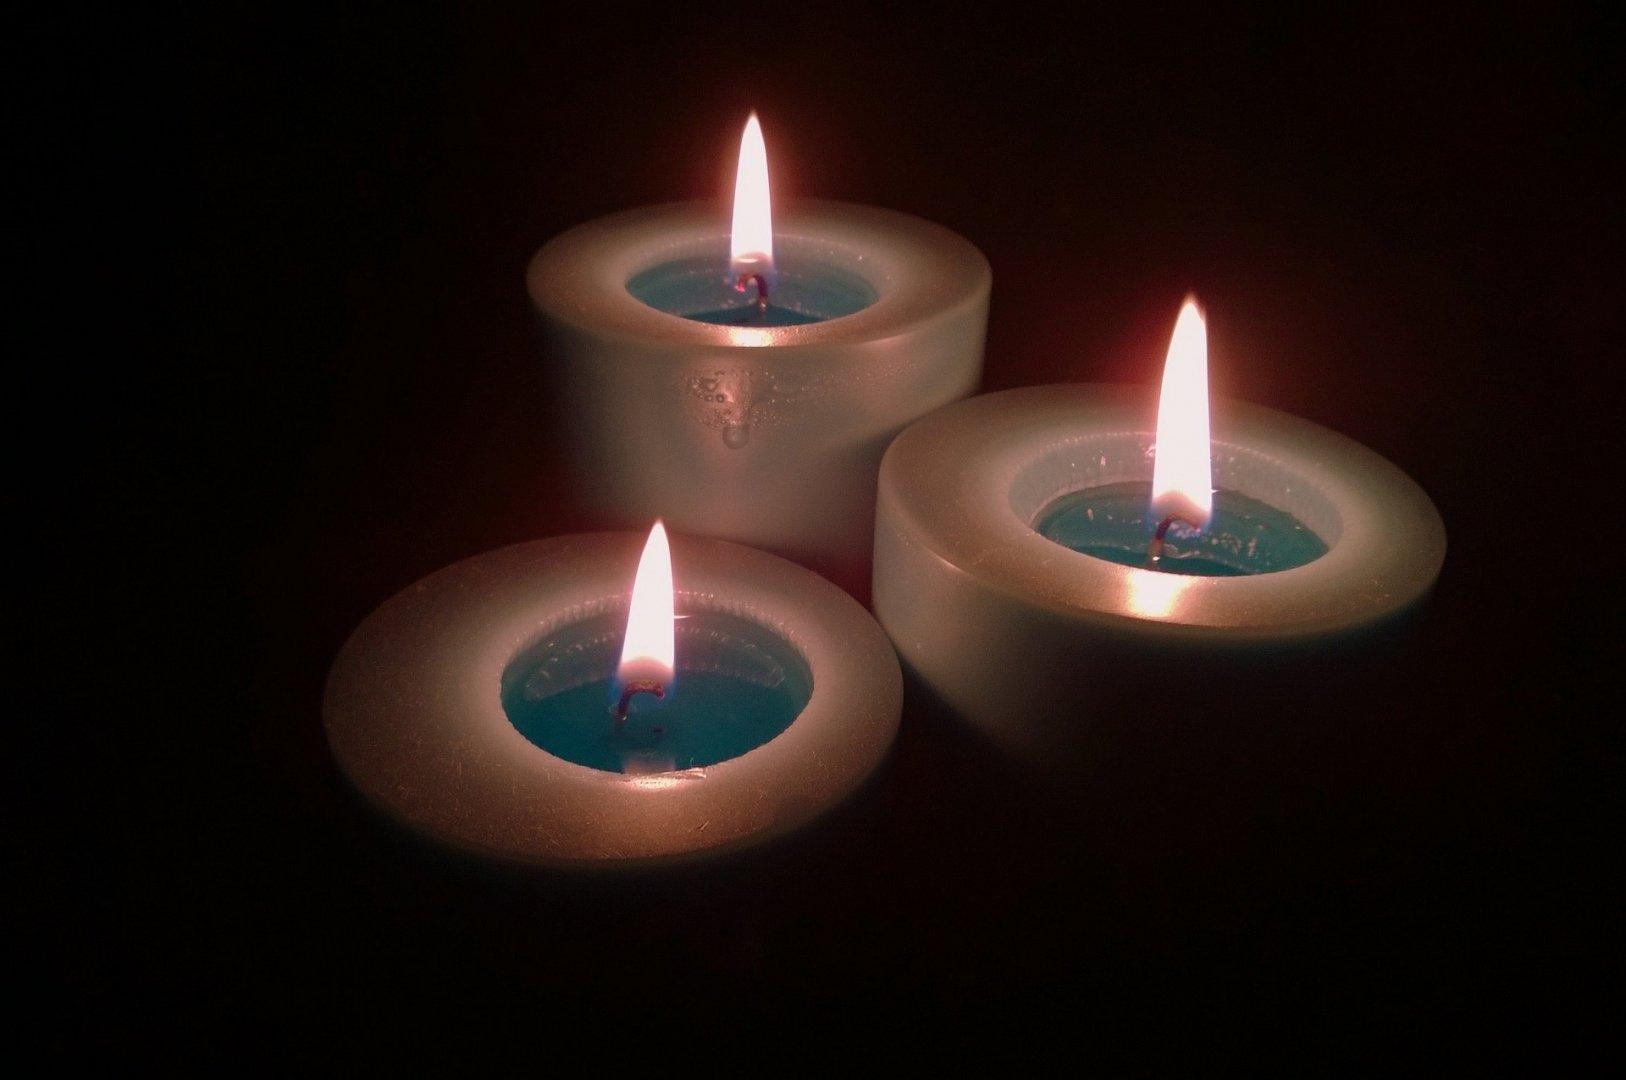 Заговор на булавку с помощью свечей